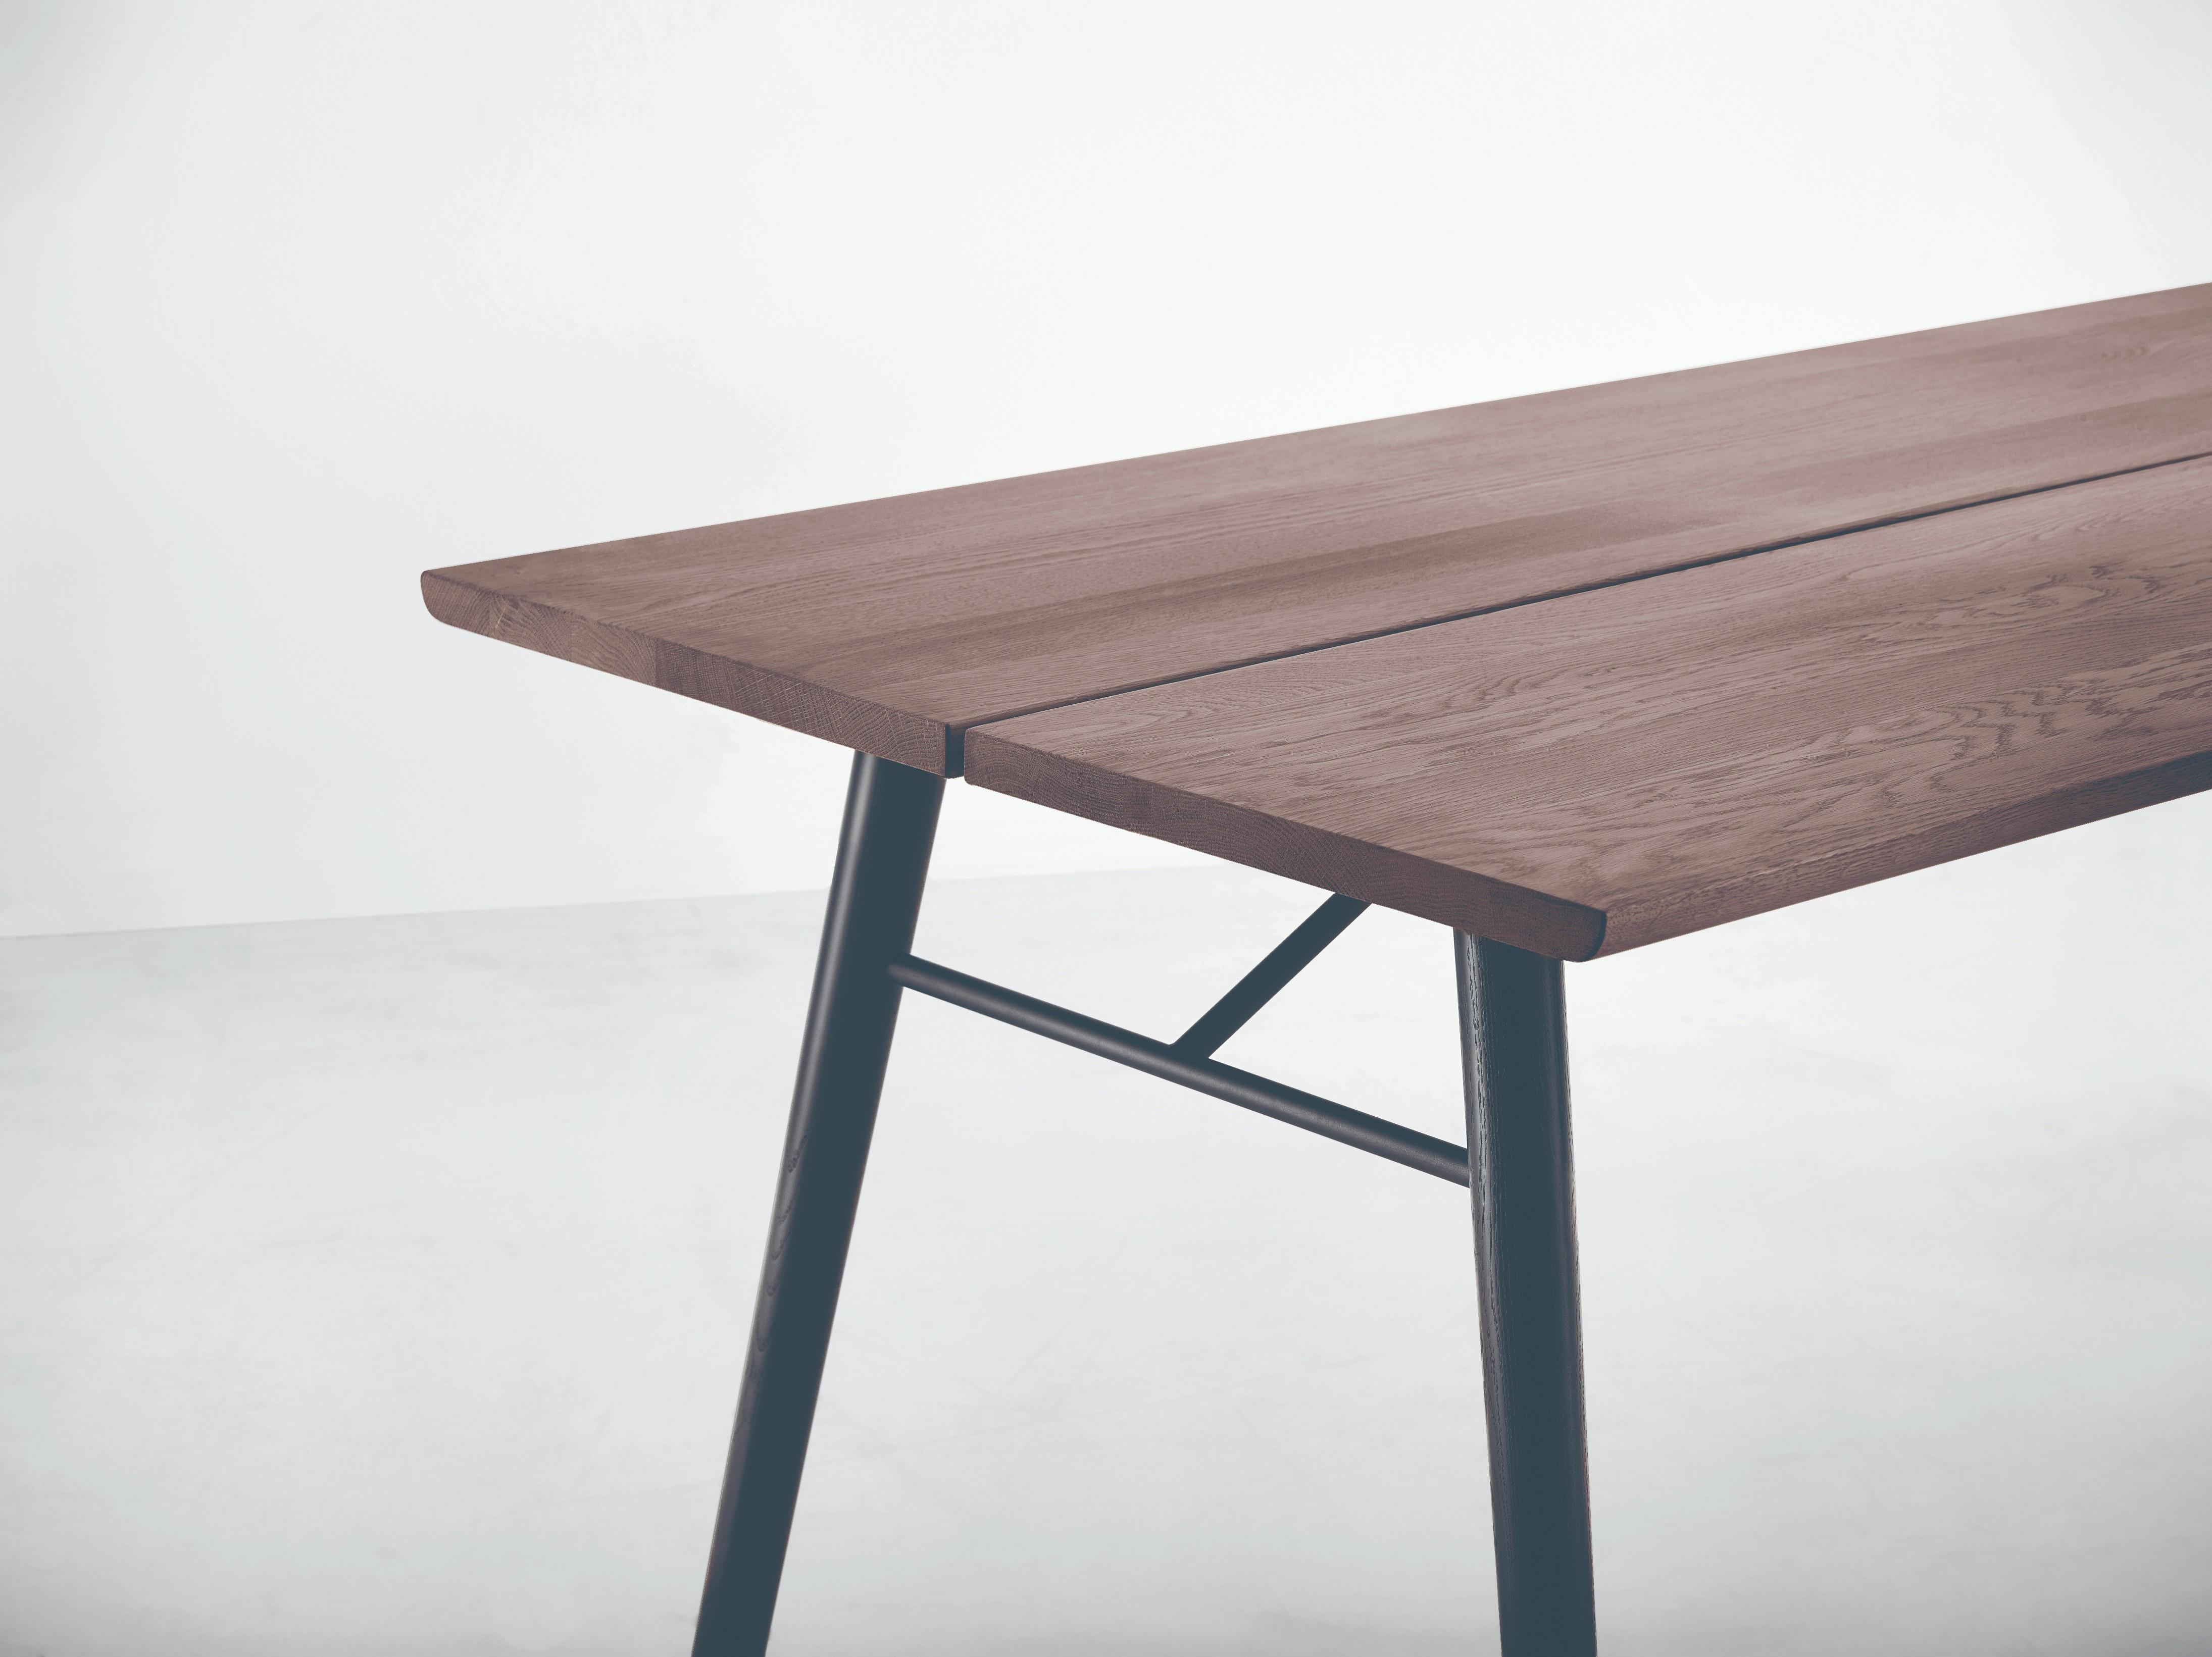 Fantastisk Alley spisebord 205 matlakeret røget eg/sort fra Woud - fdbdesign IH78